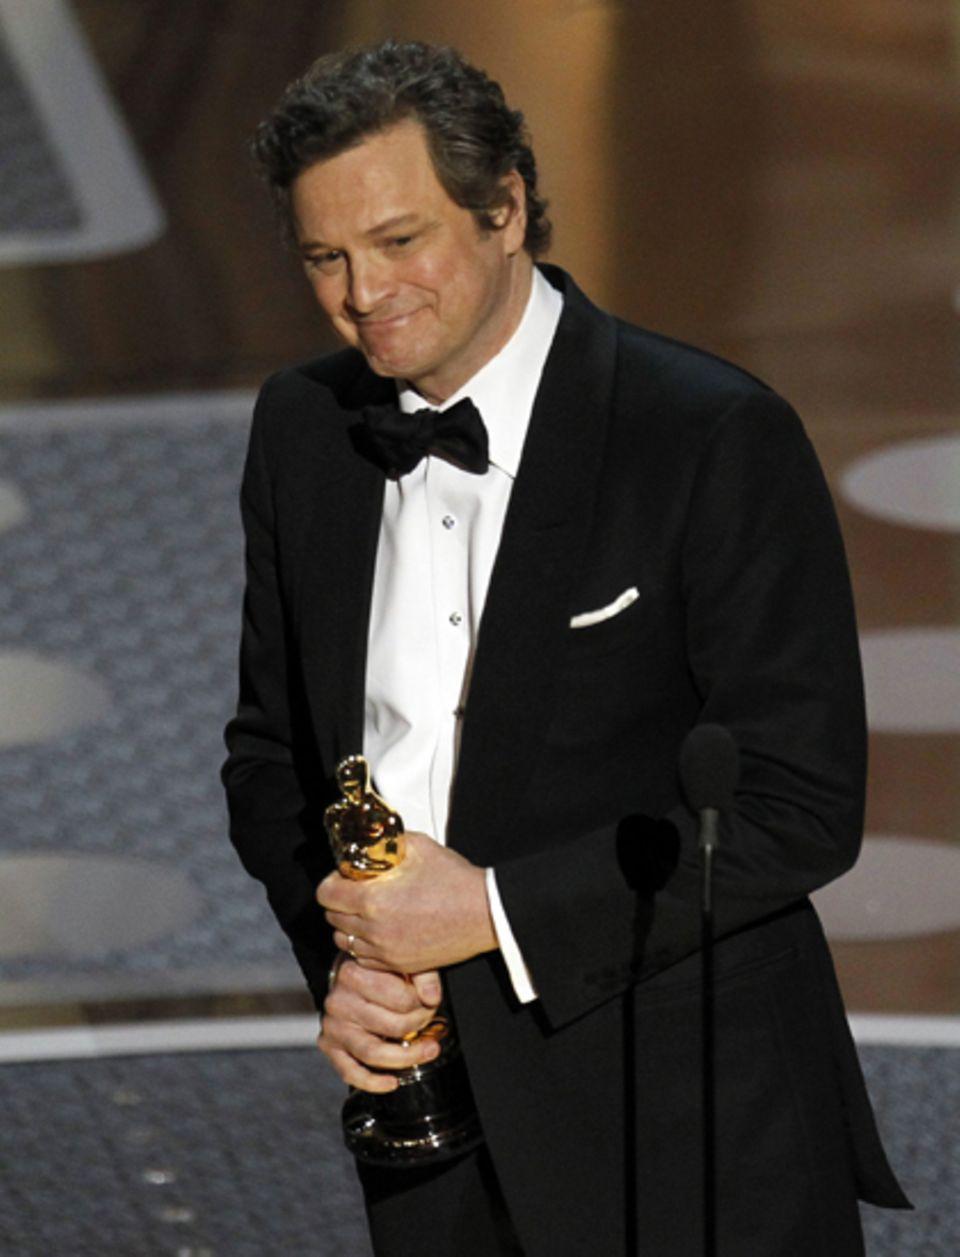 """Keine große Überraschung: Colin Firth wird als Bester Hauptdarsteller für seine Rolle in """"The King's Speech"""" mit dem Oscar ausge"""